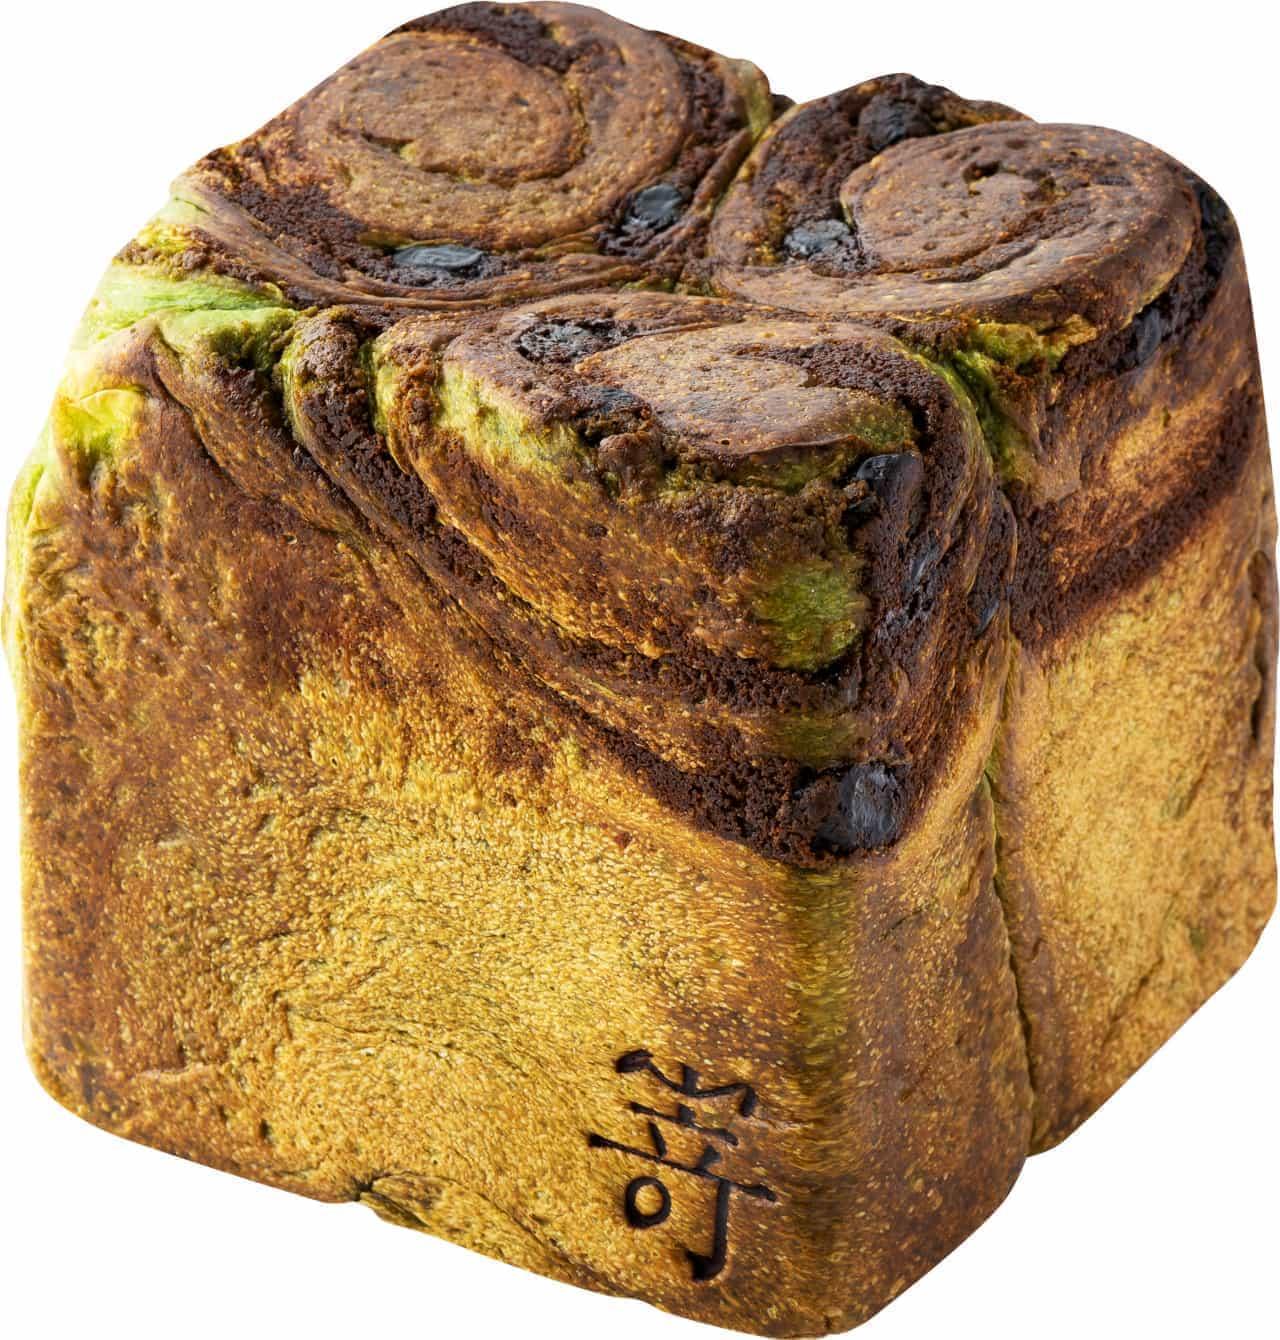 高級食パン「嵜本(さきもと)」に「宇治抹茶と黒豆の究極の「和」食パン」